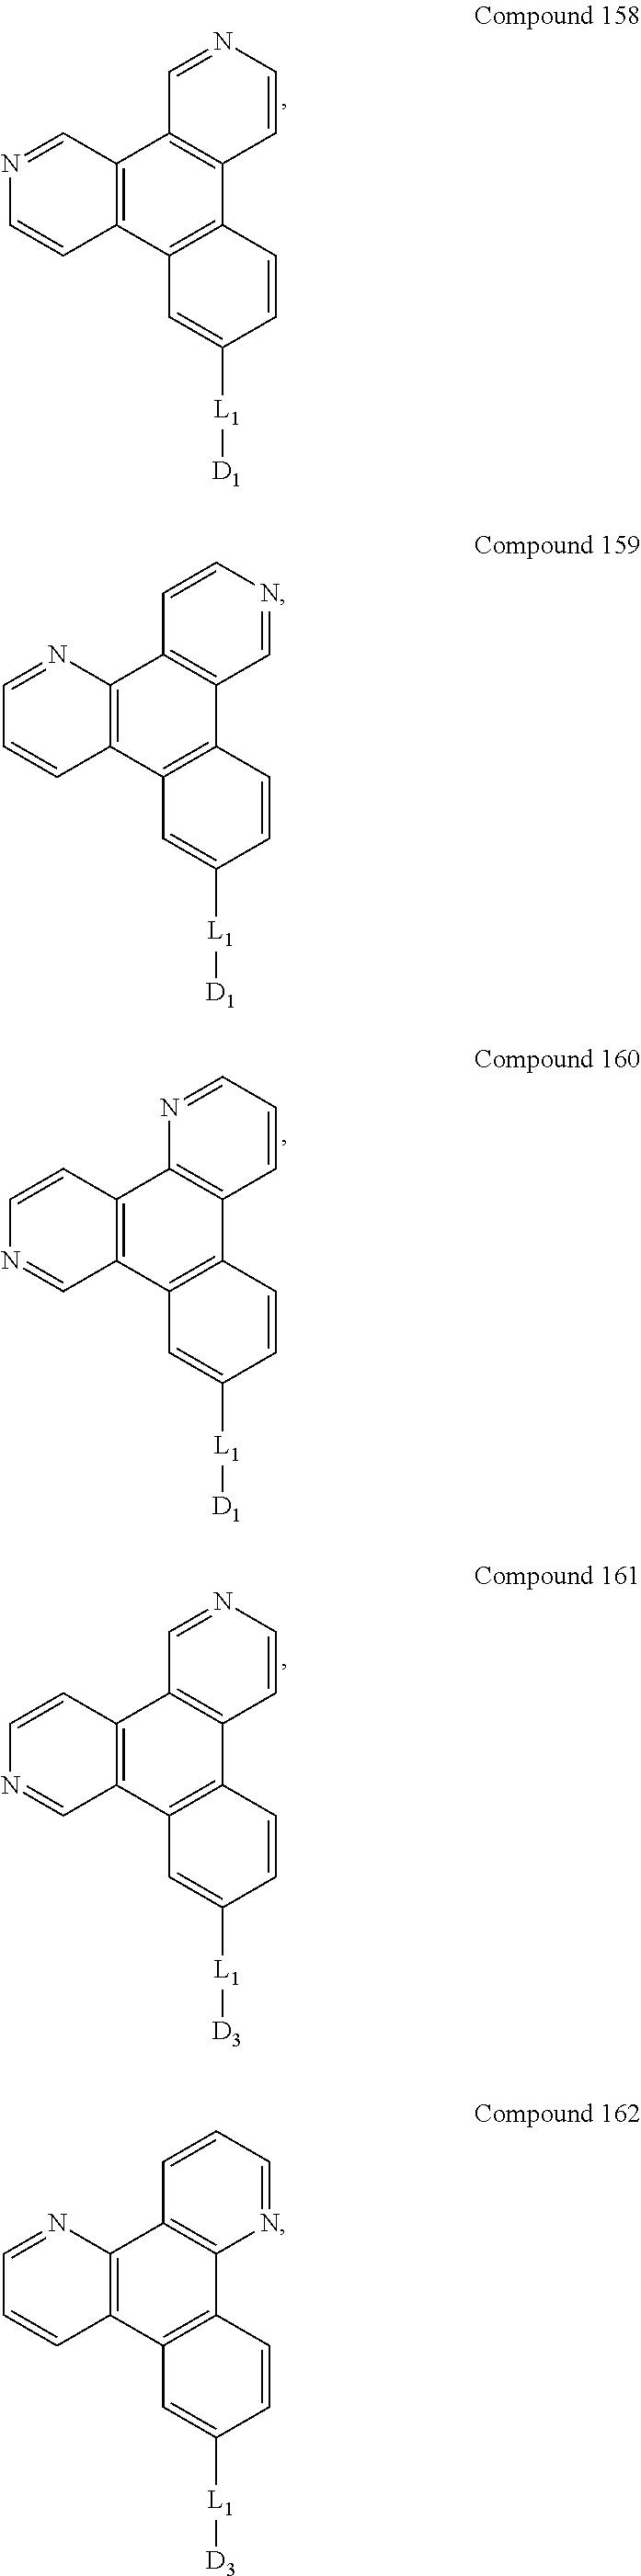 Figure US09537106-20170103-C00610